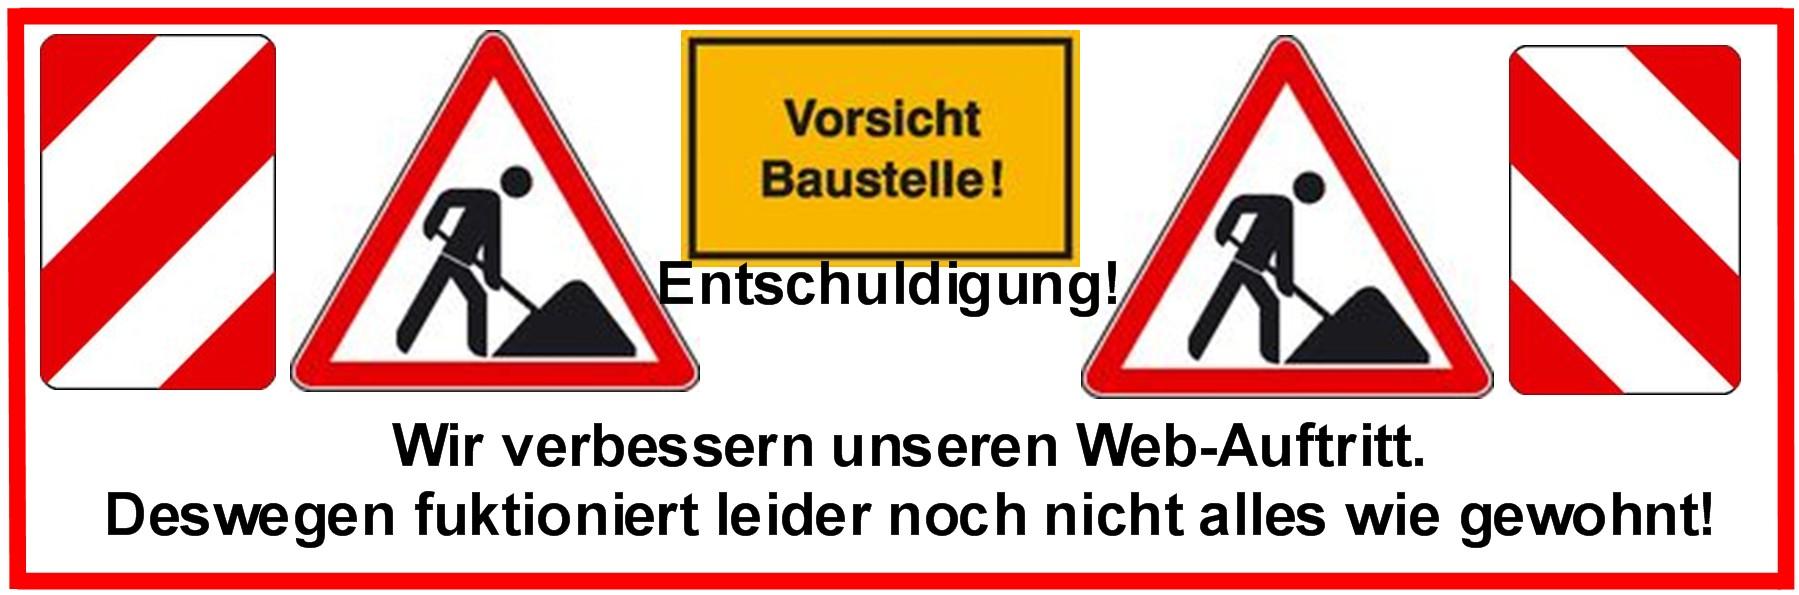 http://www.drk-wilster.de/Bilder/Baustelle.jpg